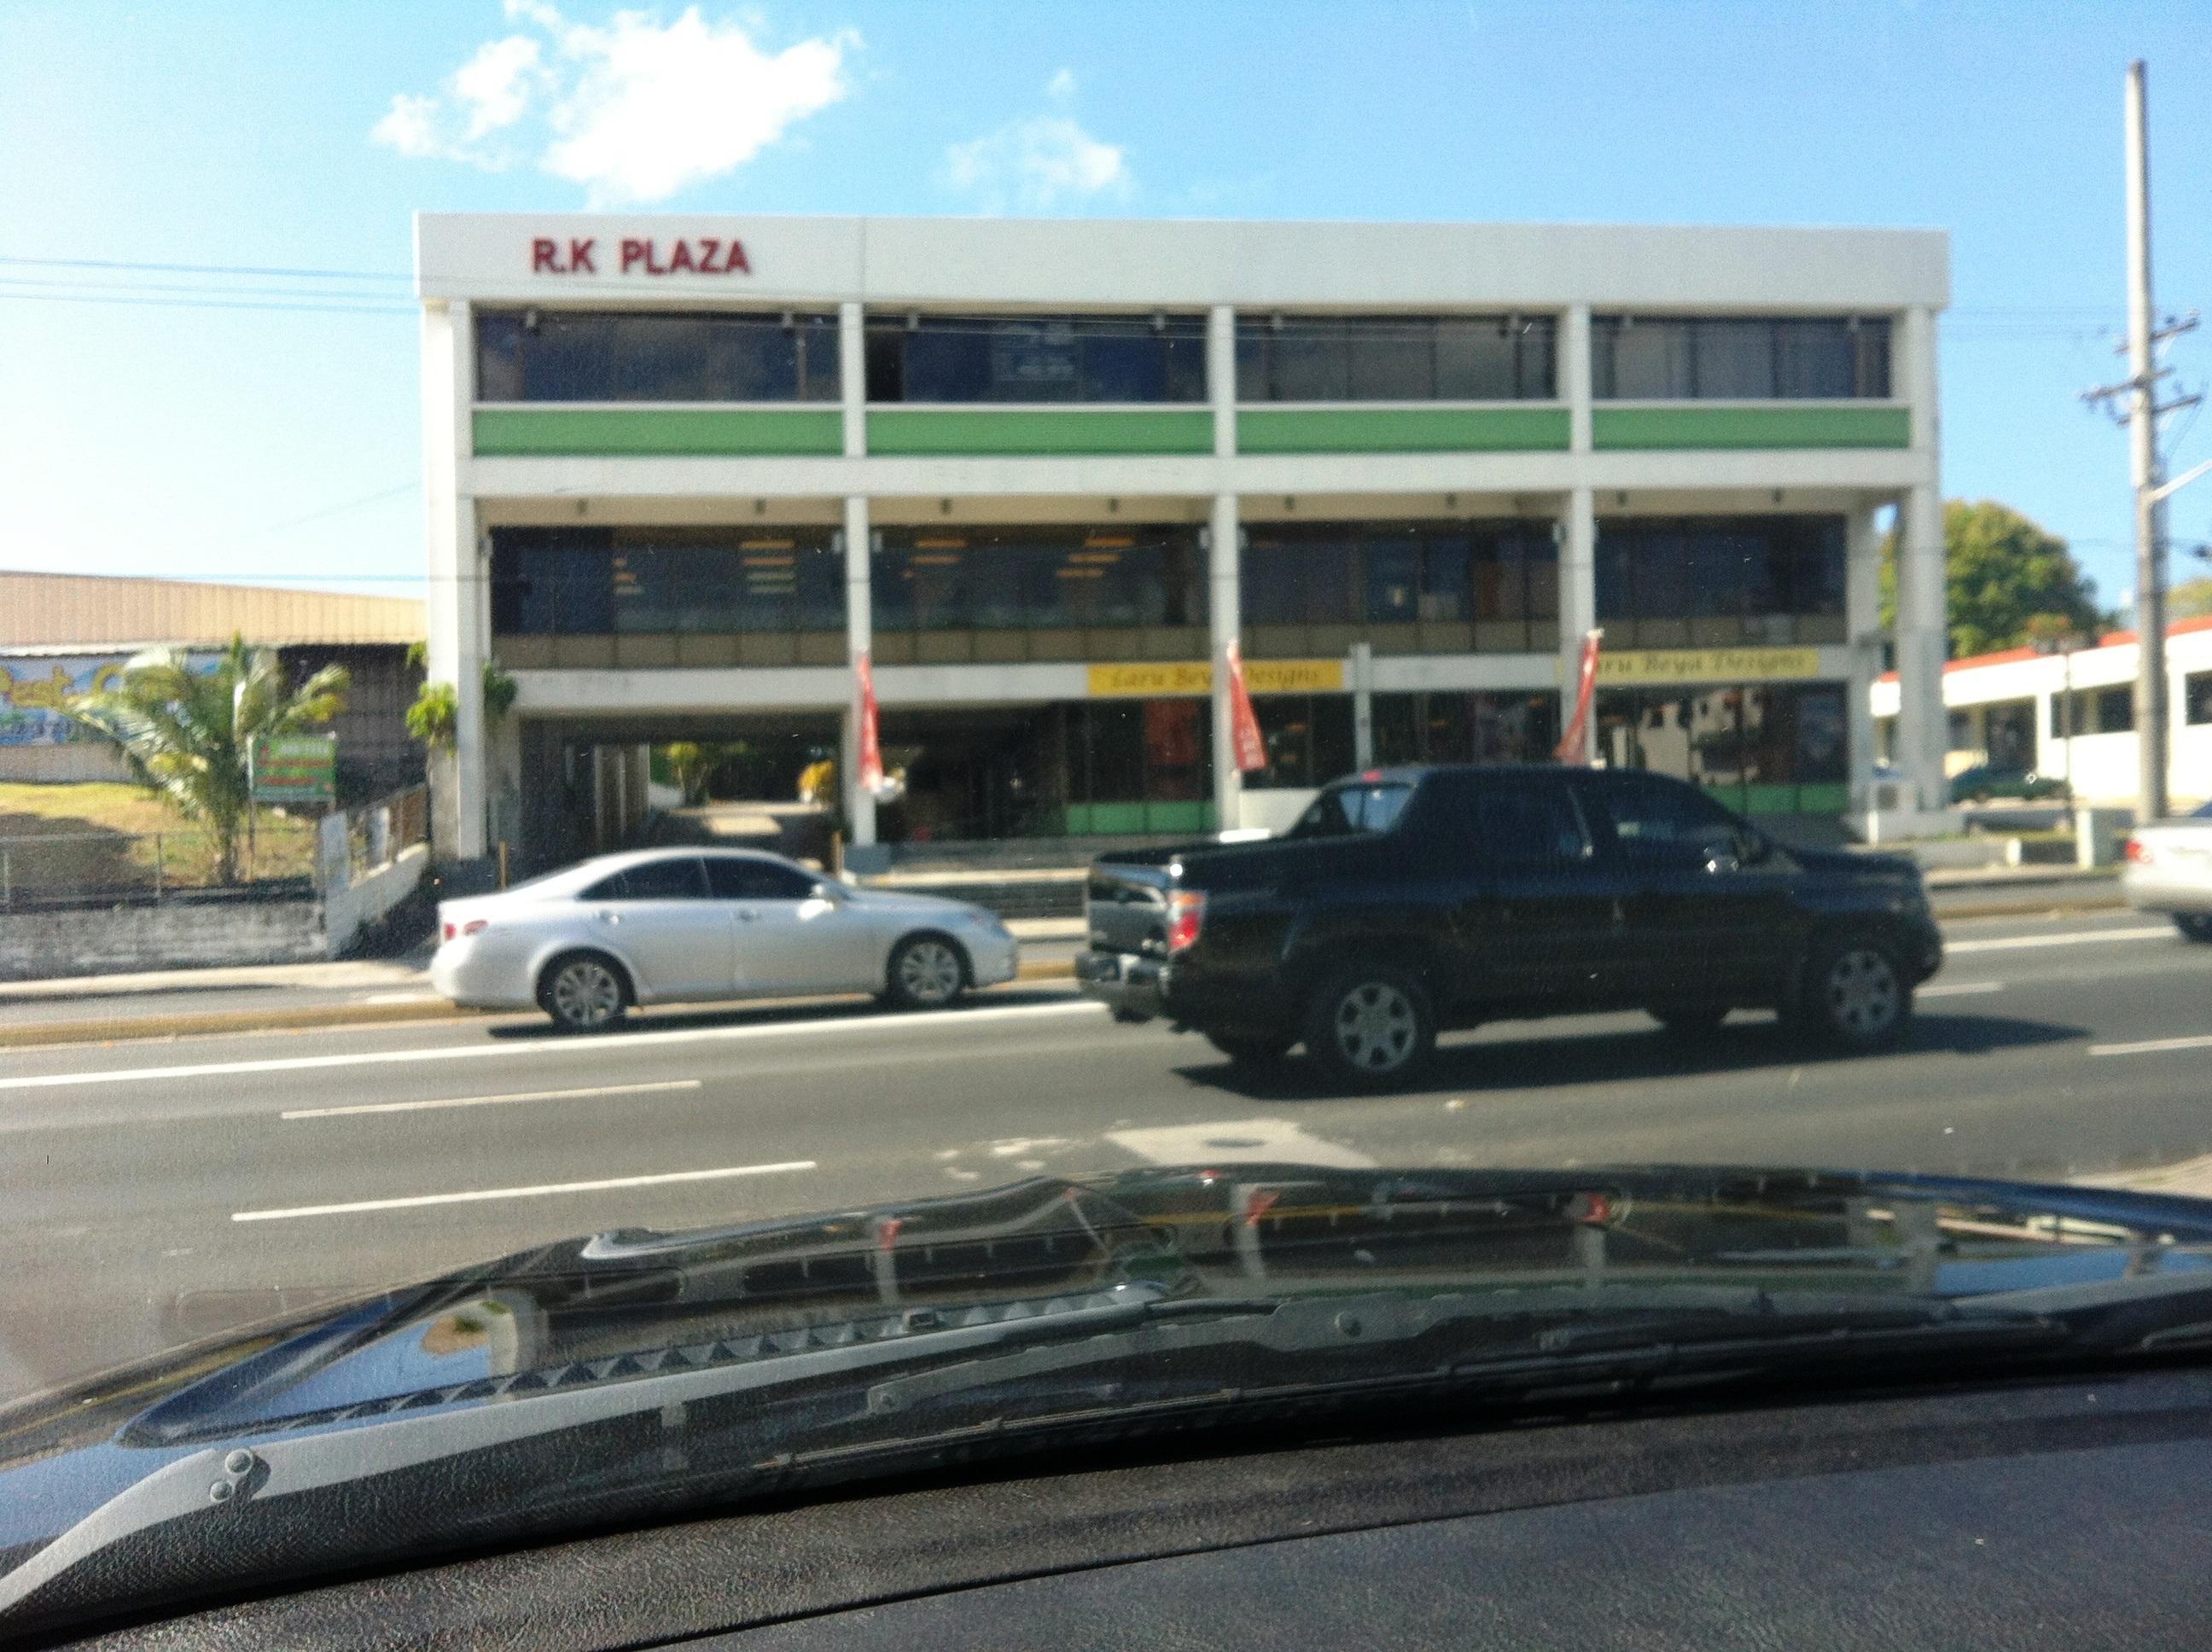 341 MARINE CORPS DRIVE #303, R.K.PLAZA, Tamuning, GU 96913